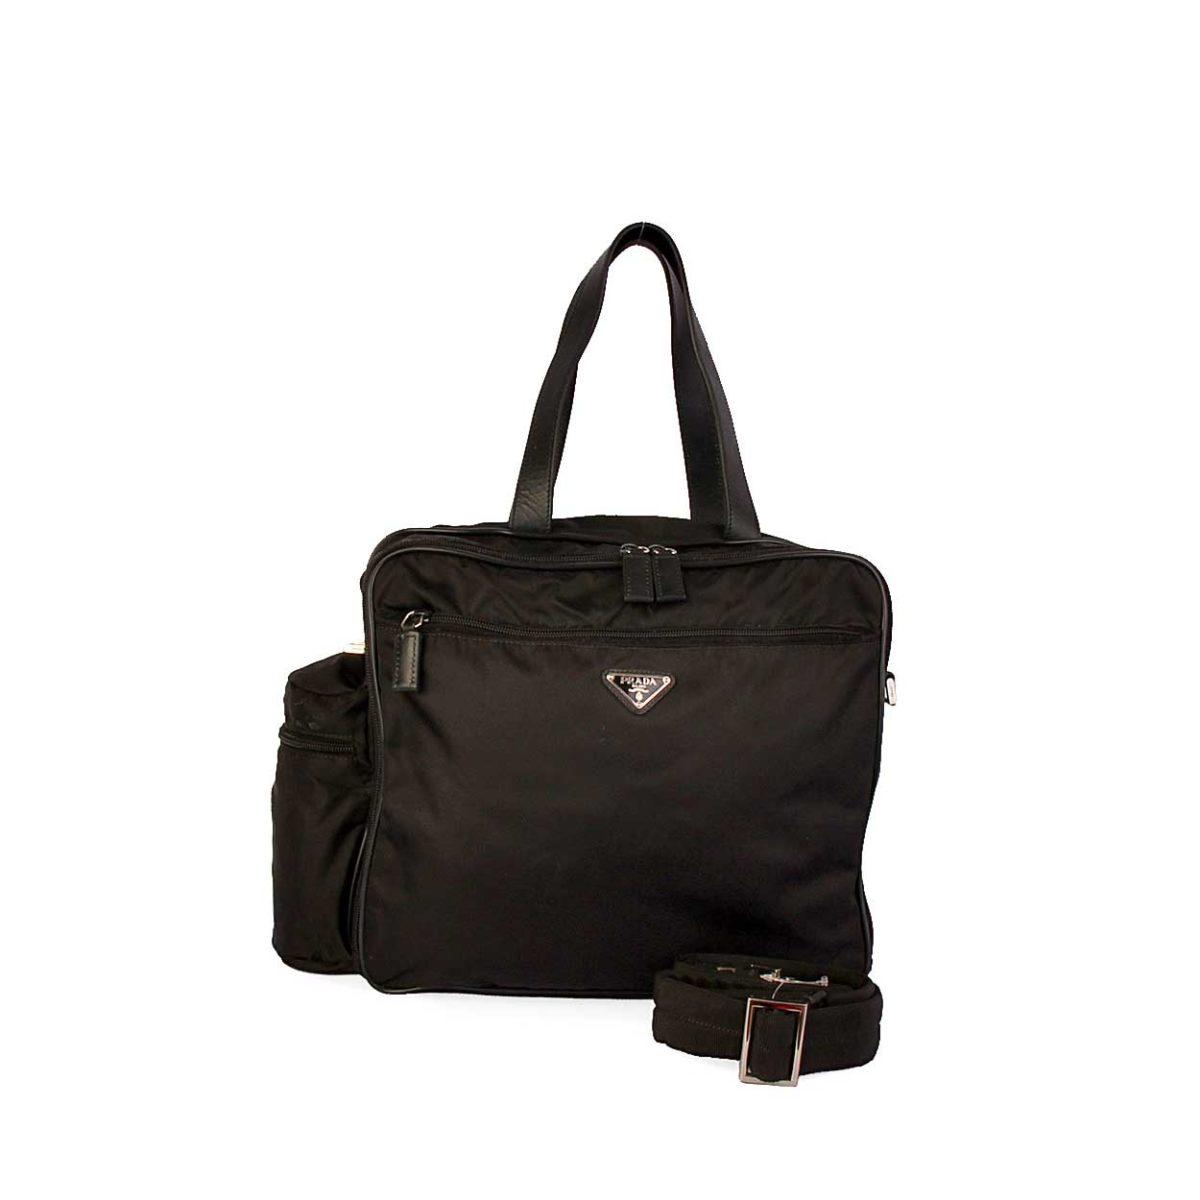 PRADA Tessuto Nylon Diaper or Laptop Bag Black   Luxity 0e99298c03